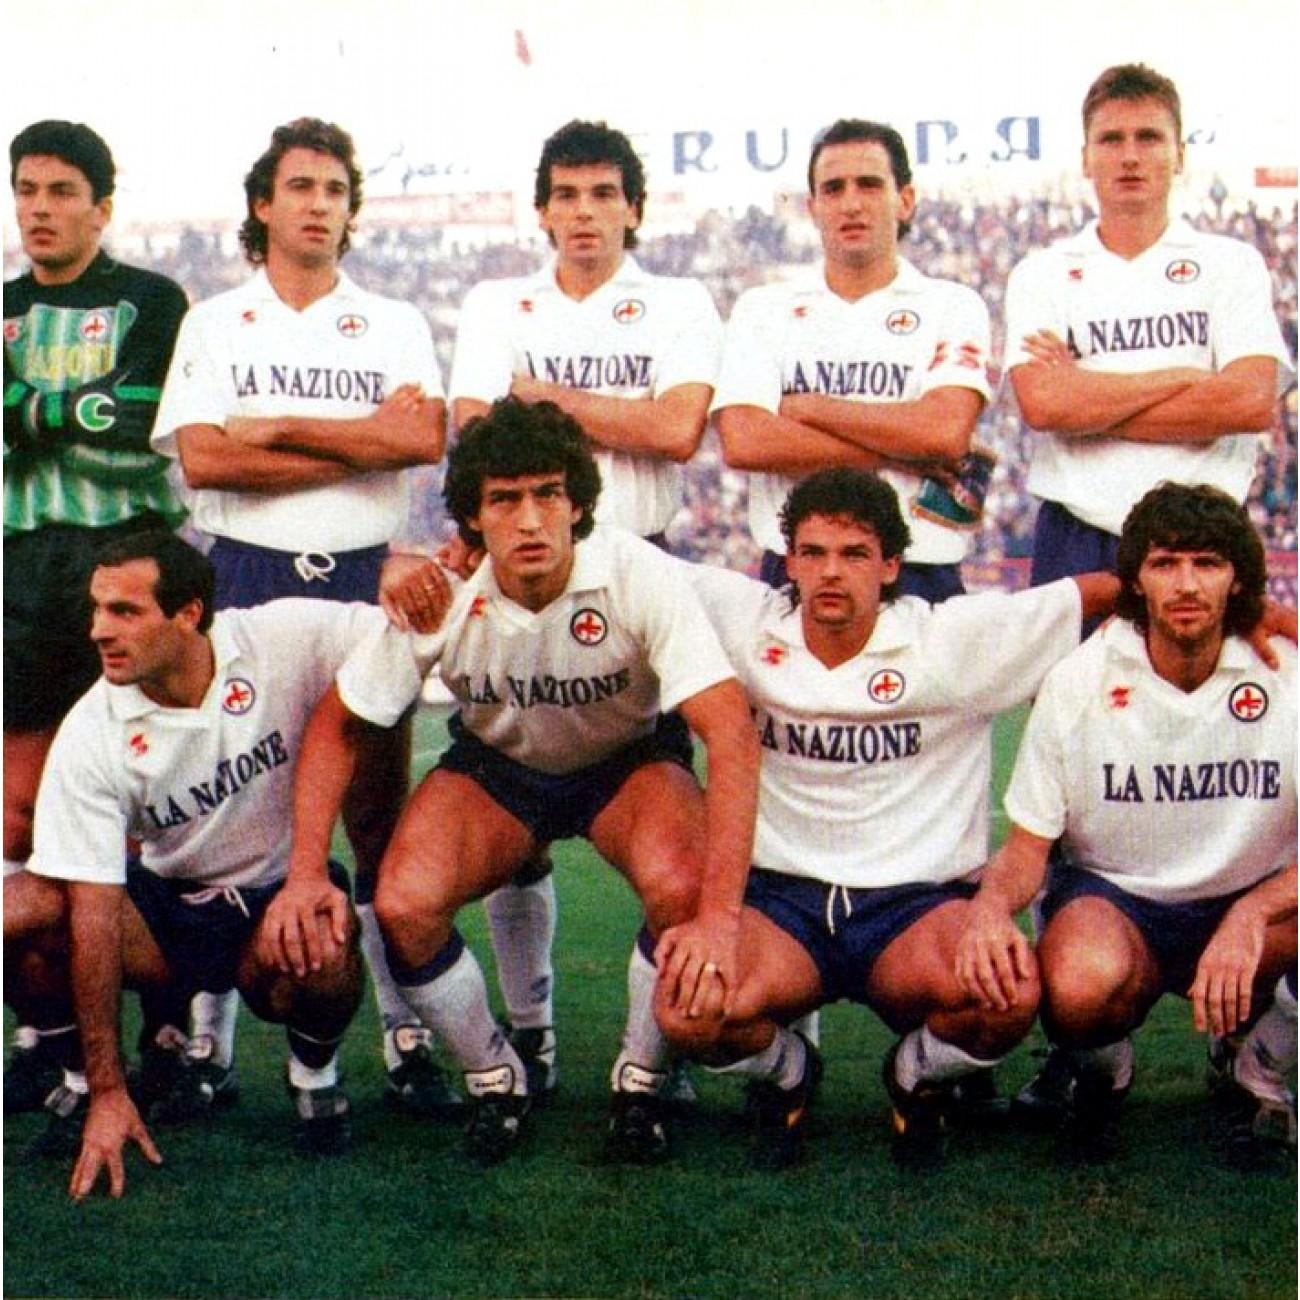 Maglia Fiorentina 1989/90 Baggio